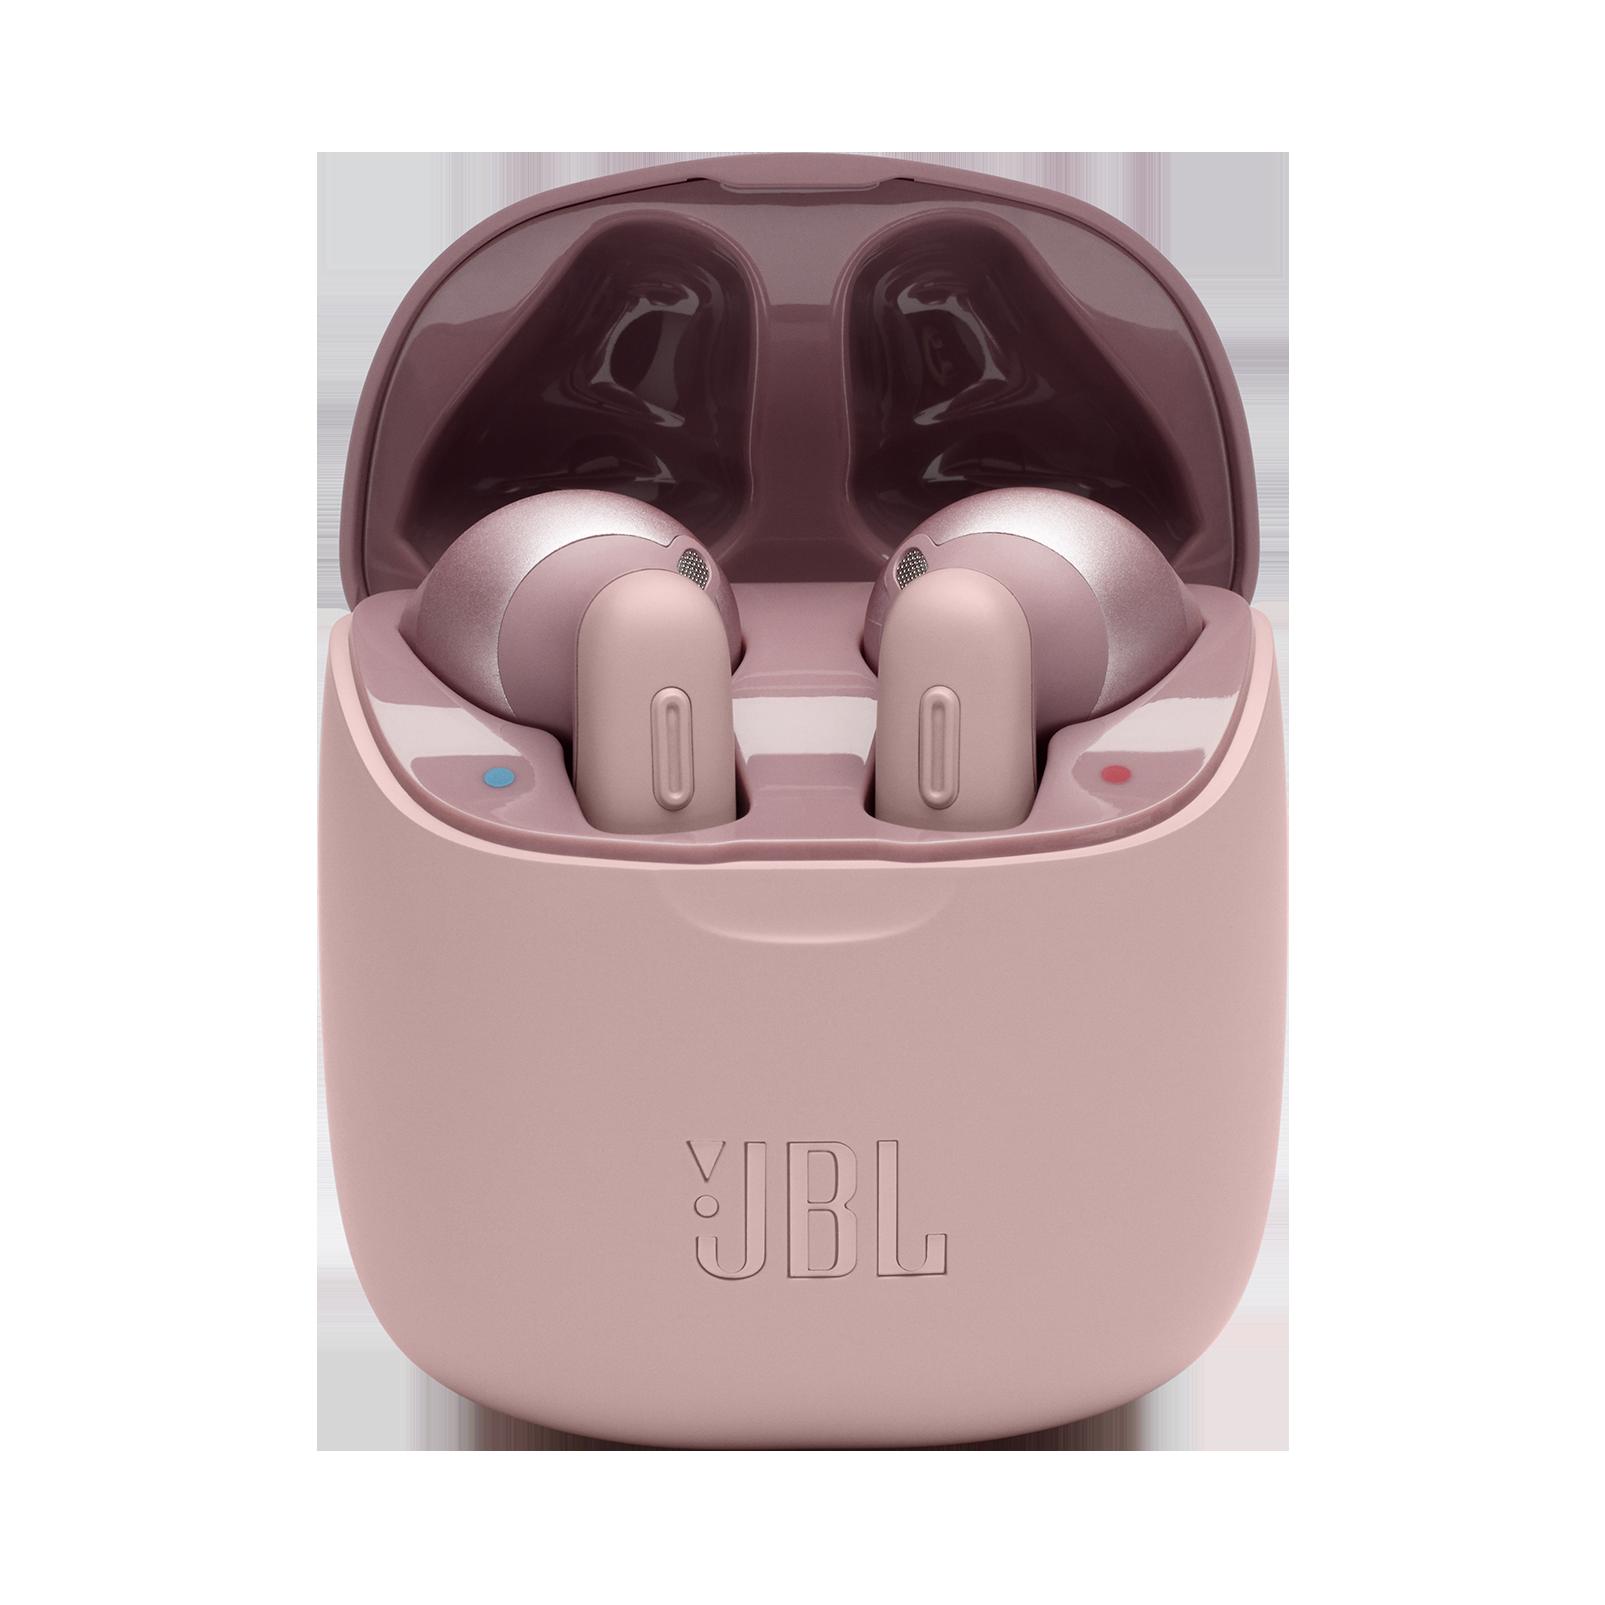 JBL TUNE 220TWS - Pink - True wireless earbuds - Detailshot 1